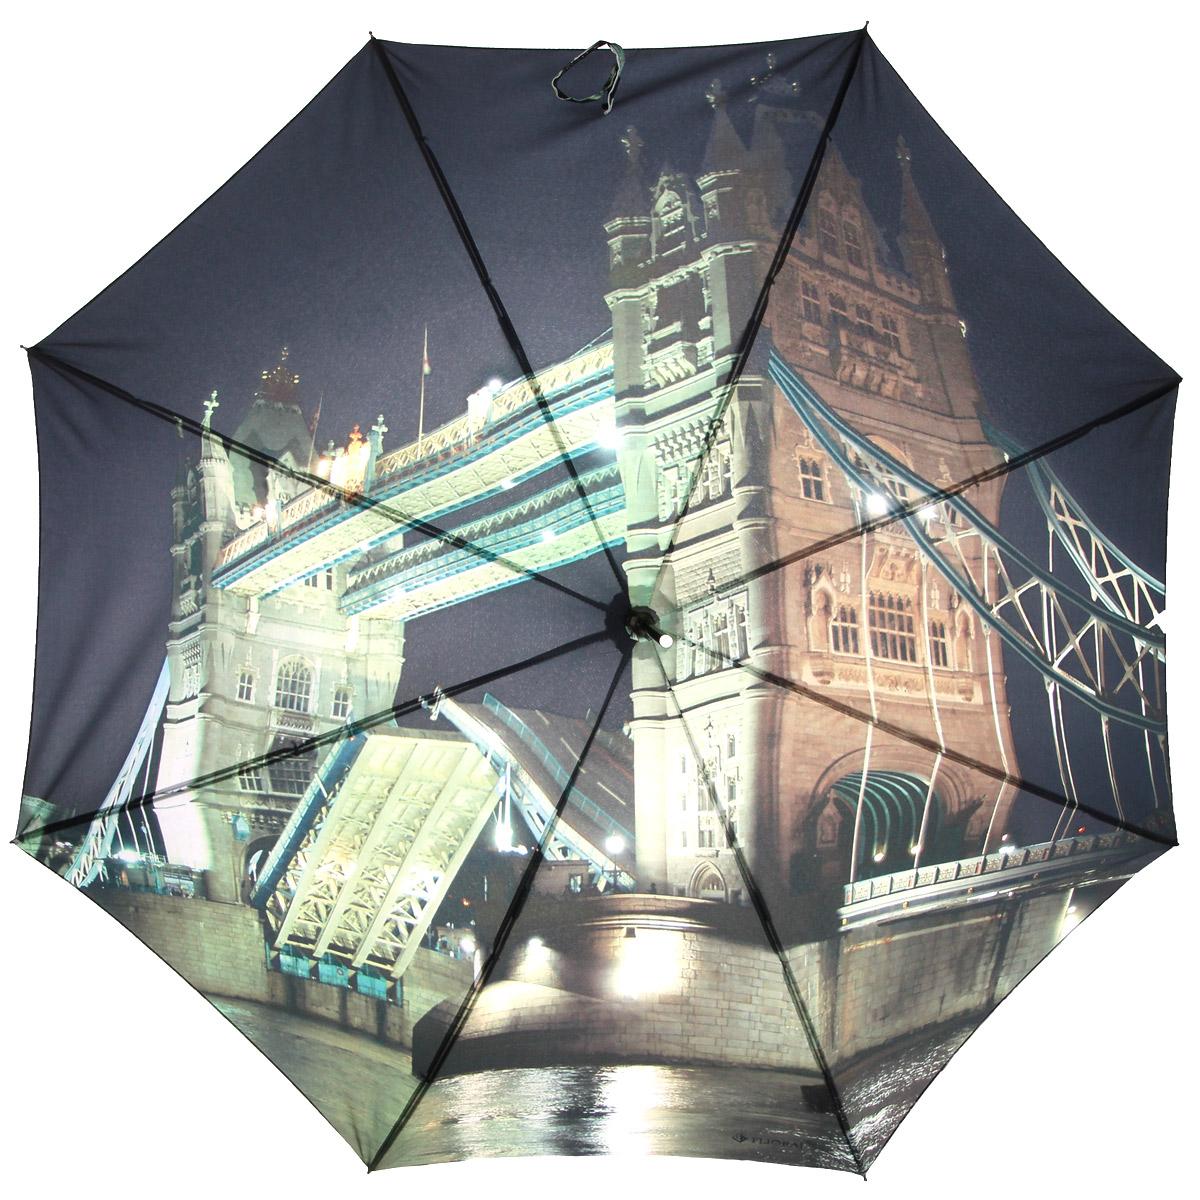 Зонт-трость Flioraj Тауэр Бридж, полуавтомат, черный, зеленый012-8 FJЭлегантный полуавтоматический зонт-трость Flioraj Тауэр Бридж даже в ненастную погоду позволит вам подчеркнуть свою индивидуальность. Каркас зонта из анодированной стали состоит из восьми карбоновых спиц, а рукоятка закругленной формы разработана с учетом требований эргономики и покрыта искусственной кожей. Зонт снабжен системой Антиветер. Зонт имеет полуавтоматический механизм сложения: купол открывается нажатием кнопки на рукоятке, а закрывается вручную до характерного щелчка. Купол зонта выполнен из прочного полиэстера с тефлоновой пропиткой и оформлен оригинальным изображением знаменитого Тауэрского моста. Закрытый купол фиксируется хлястиком на кнопку. Такой зонт не только надежно защитит вас от дождя, но и станет стильным аксессуаром.